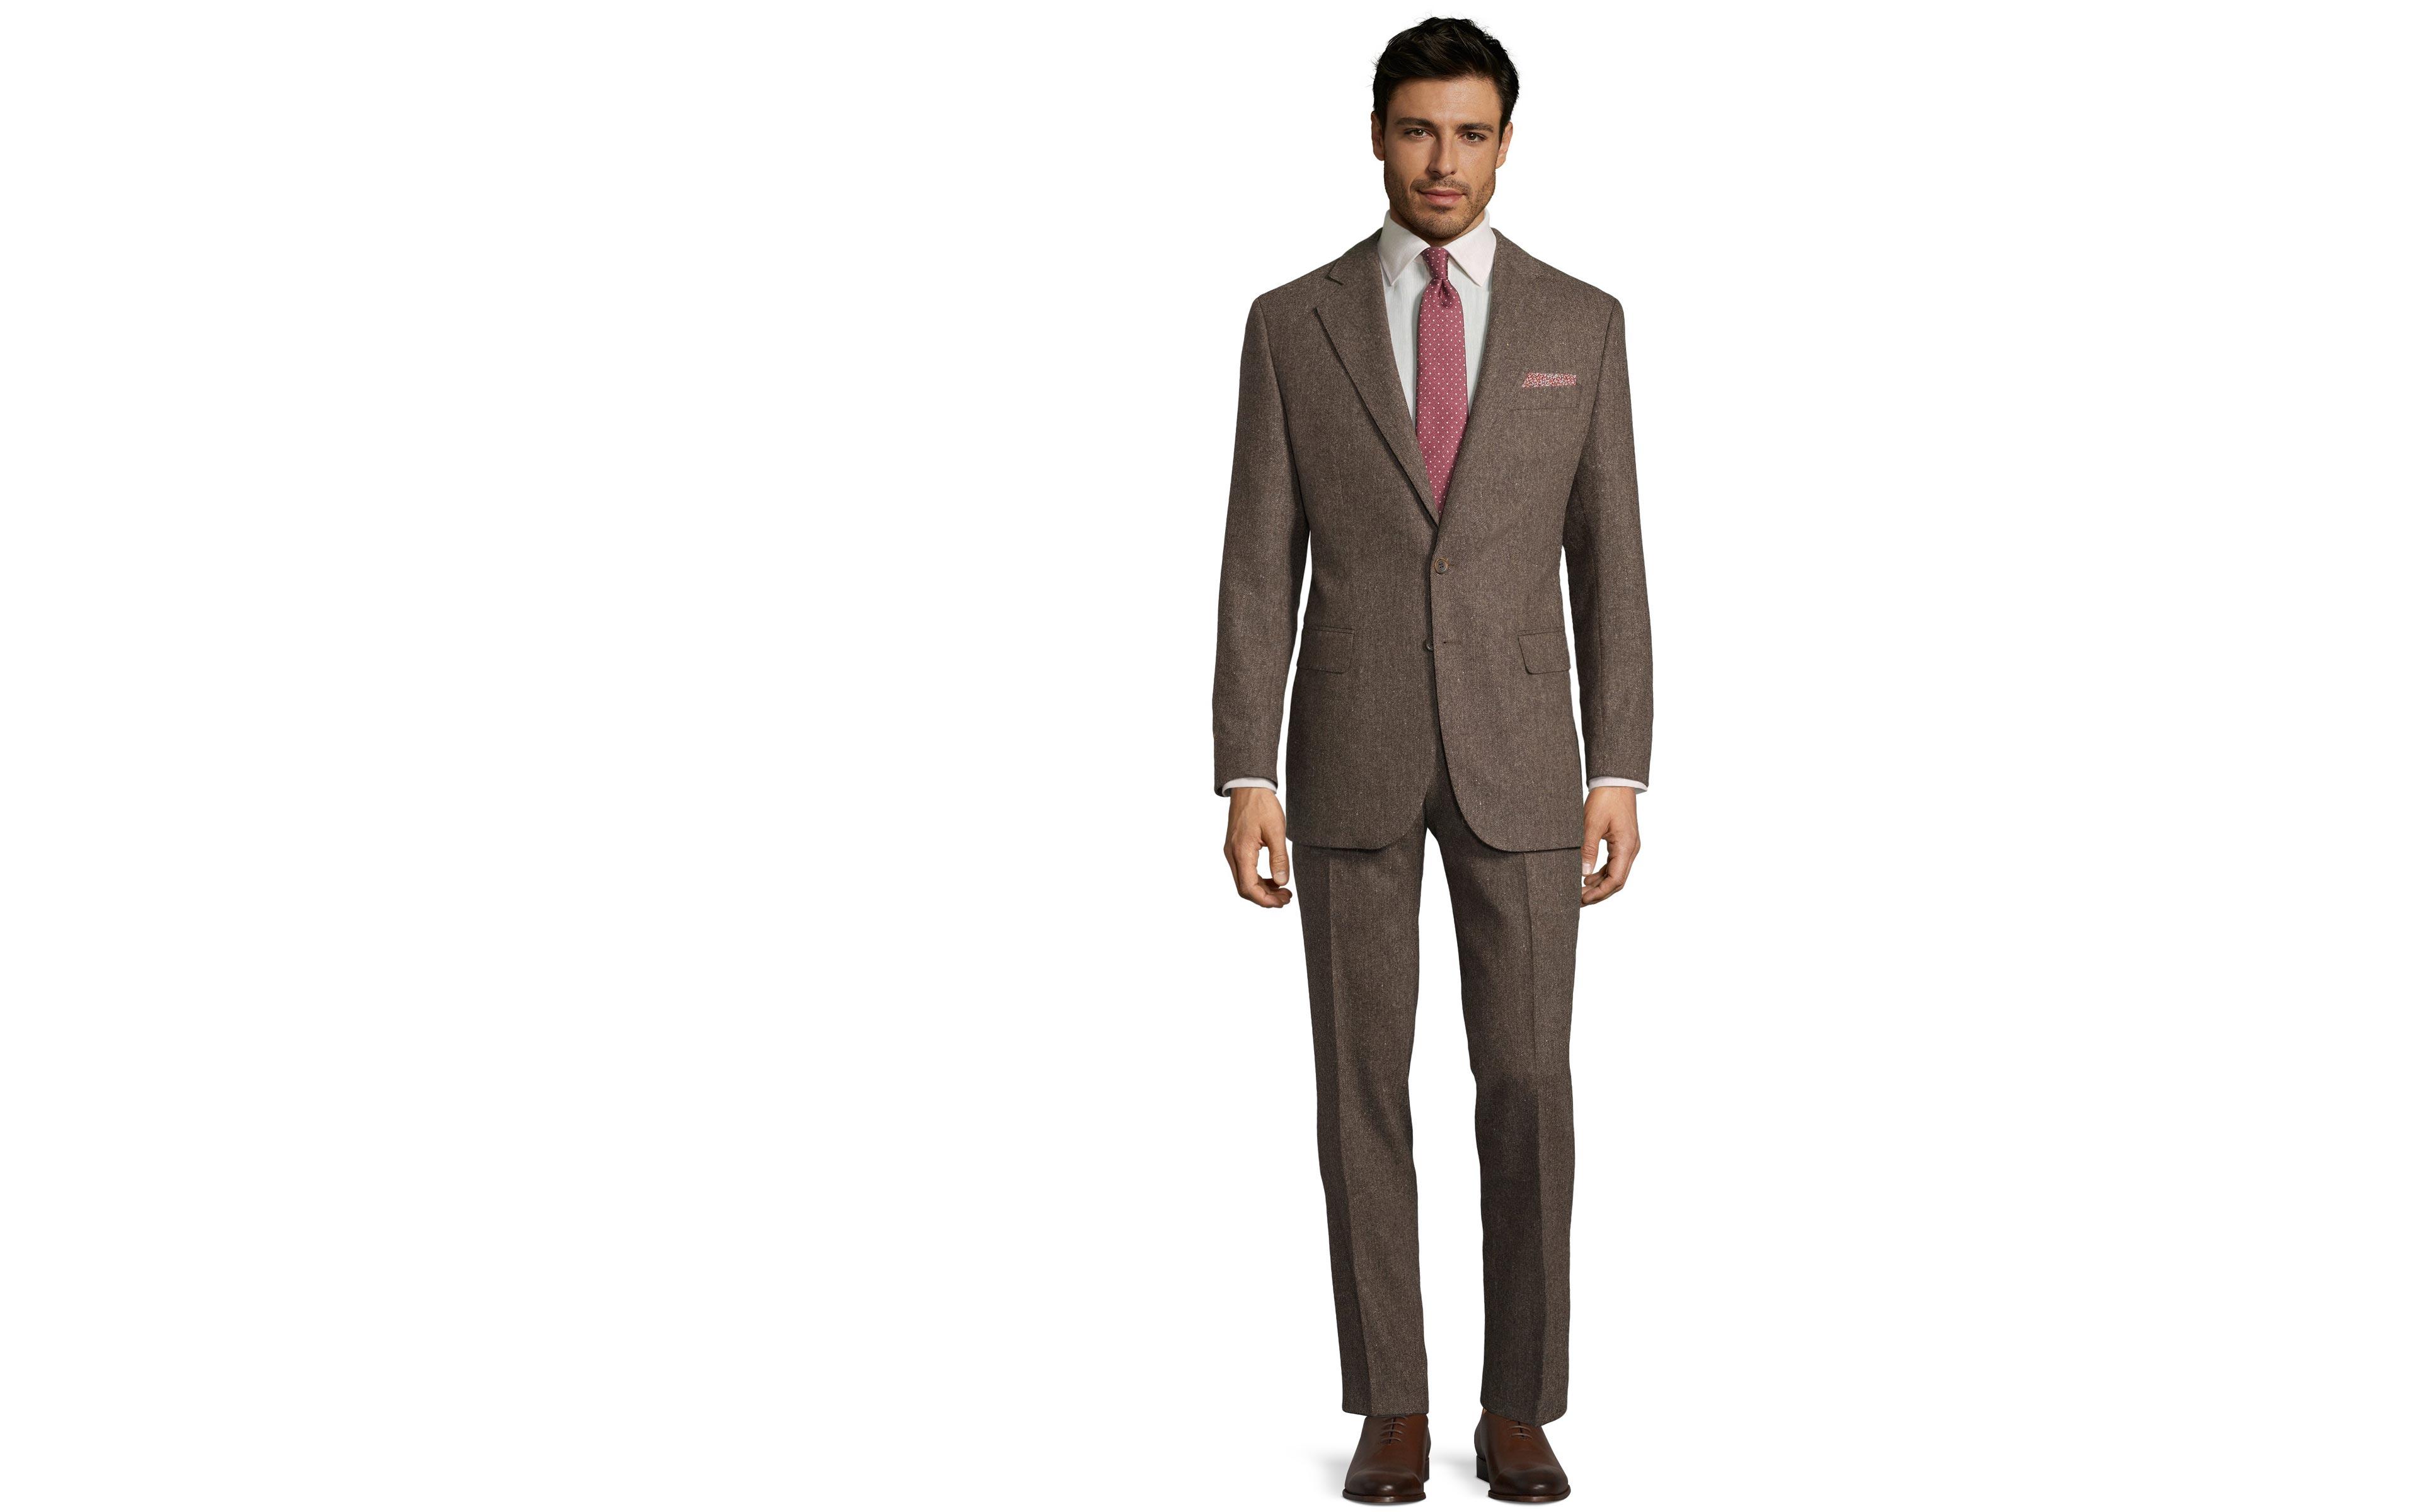 Suit in Natural Brown Tweed